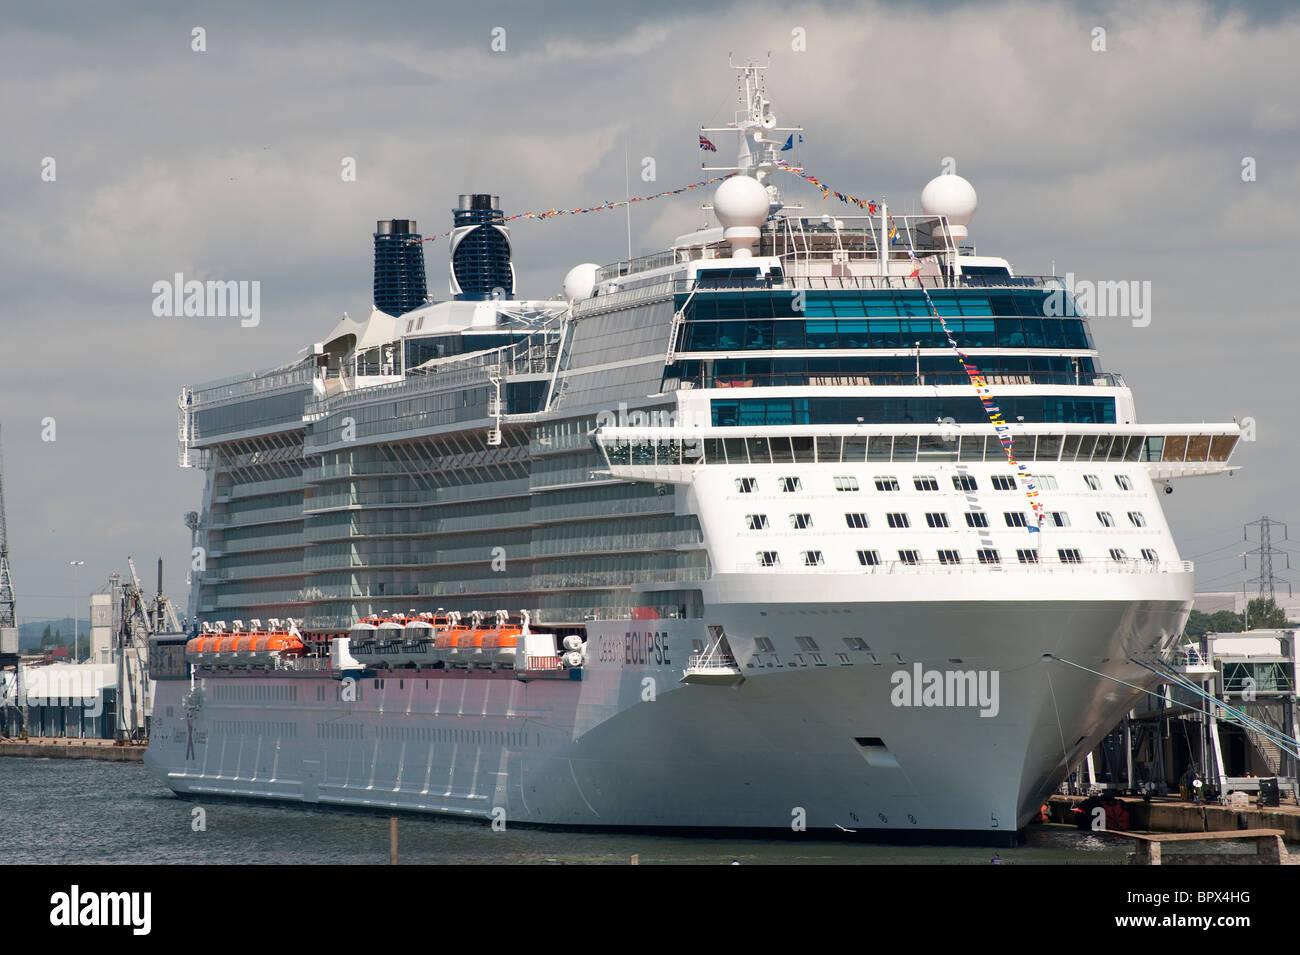 Celebrity Silhouette vs Celebrity Solstice: Compare Cruise ...